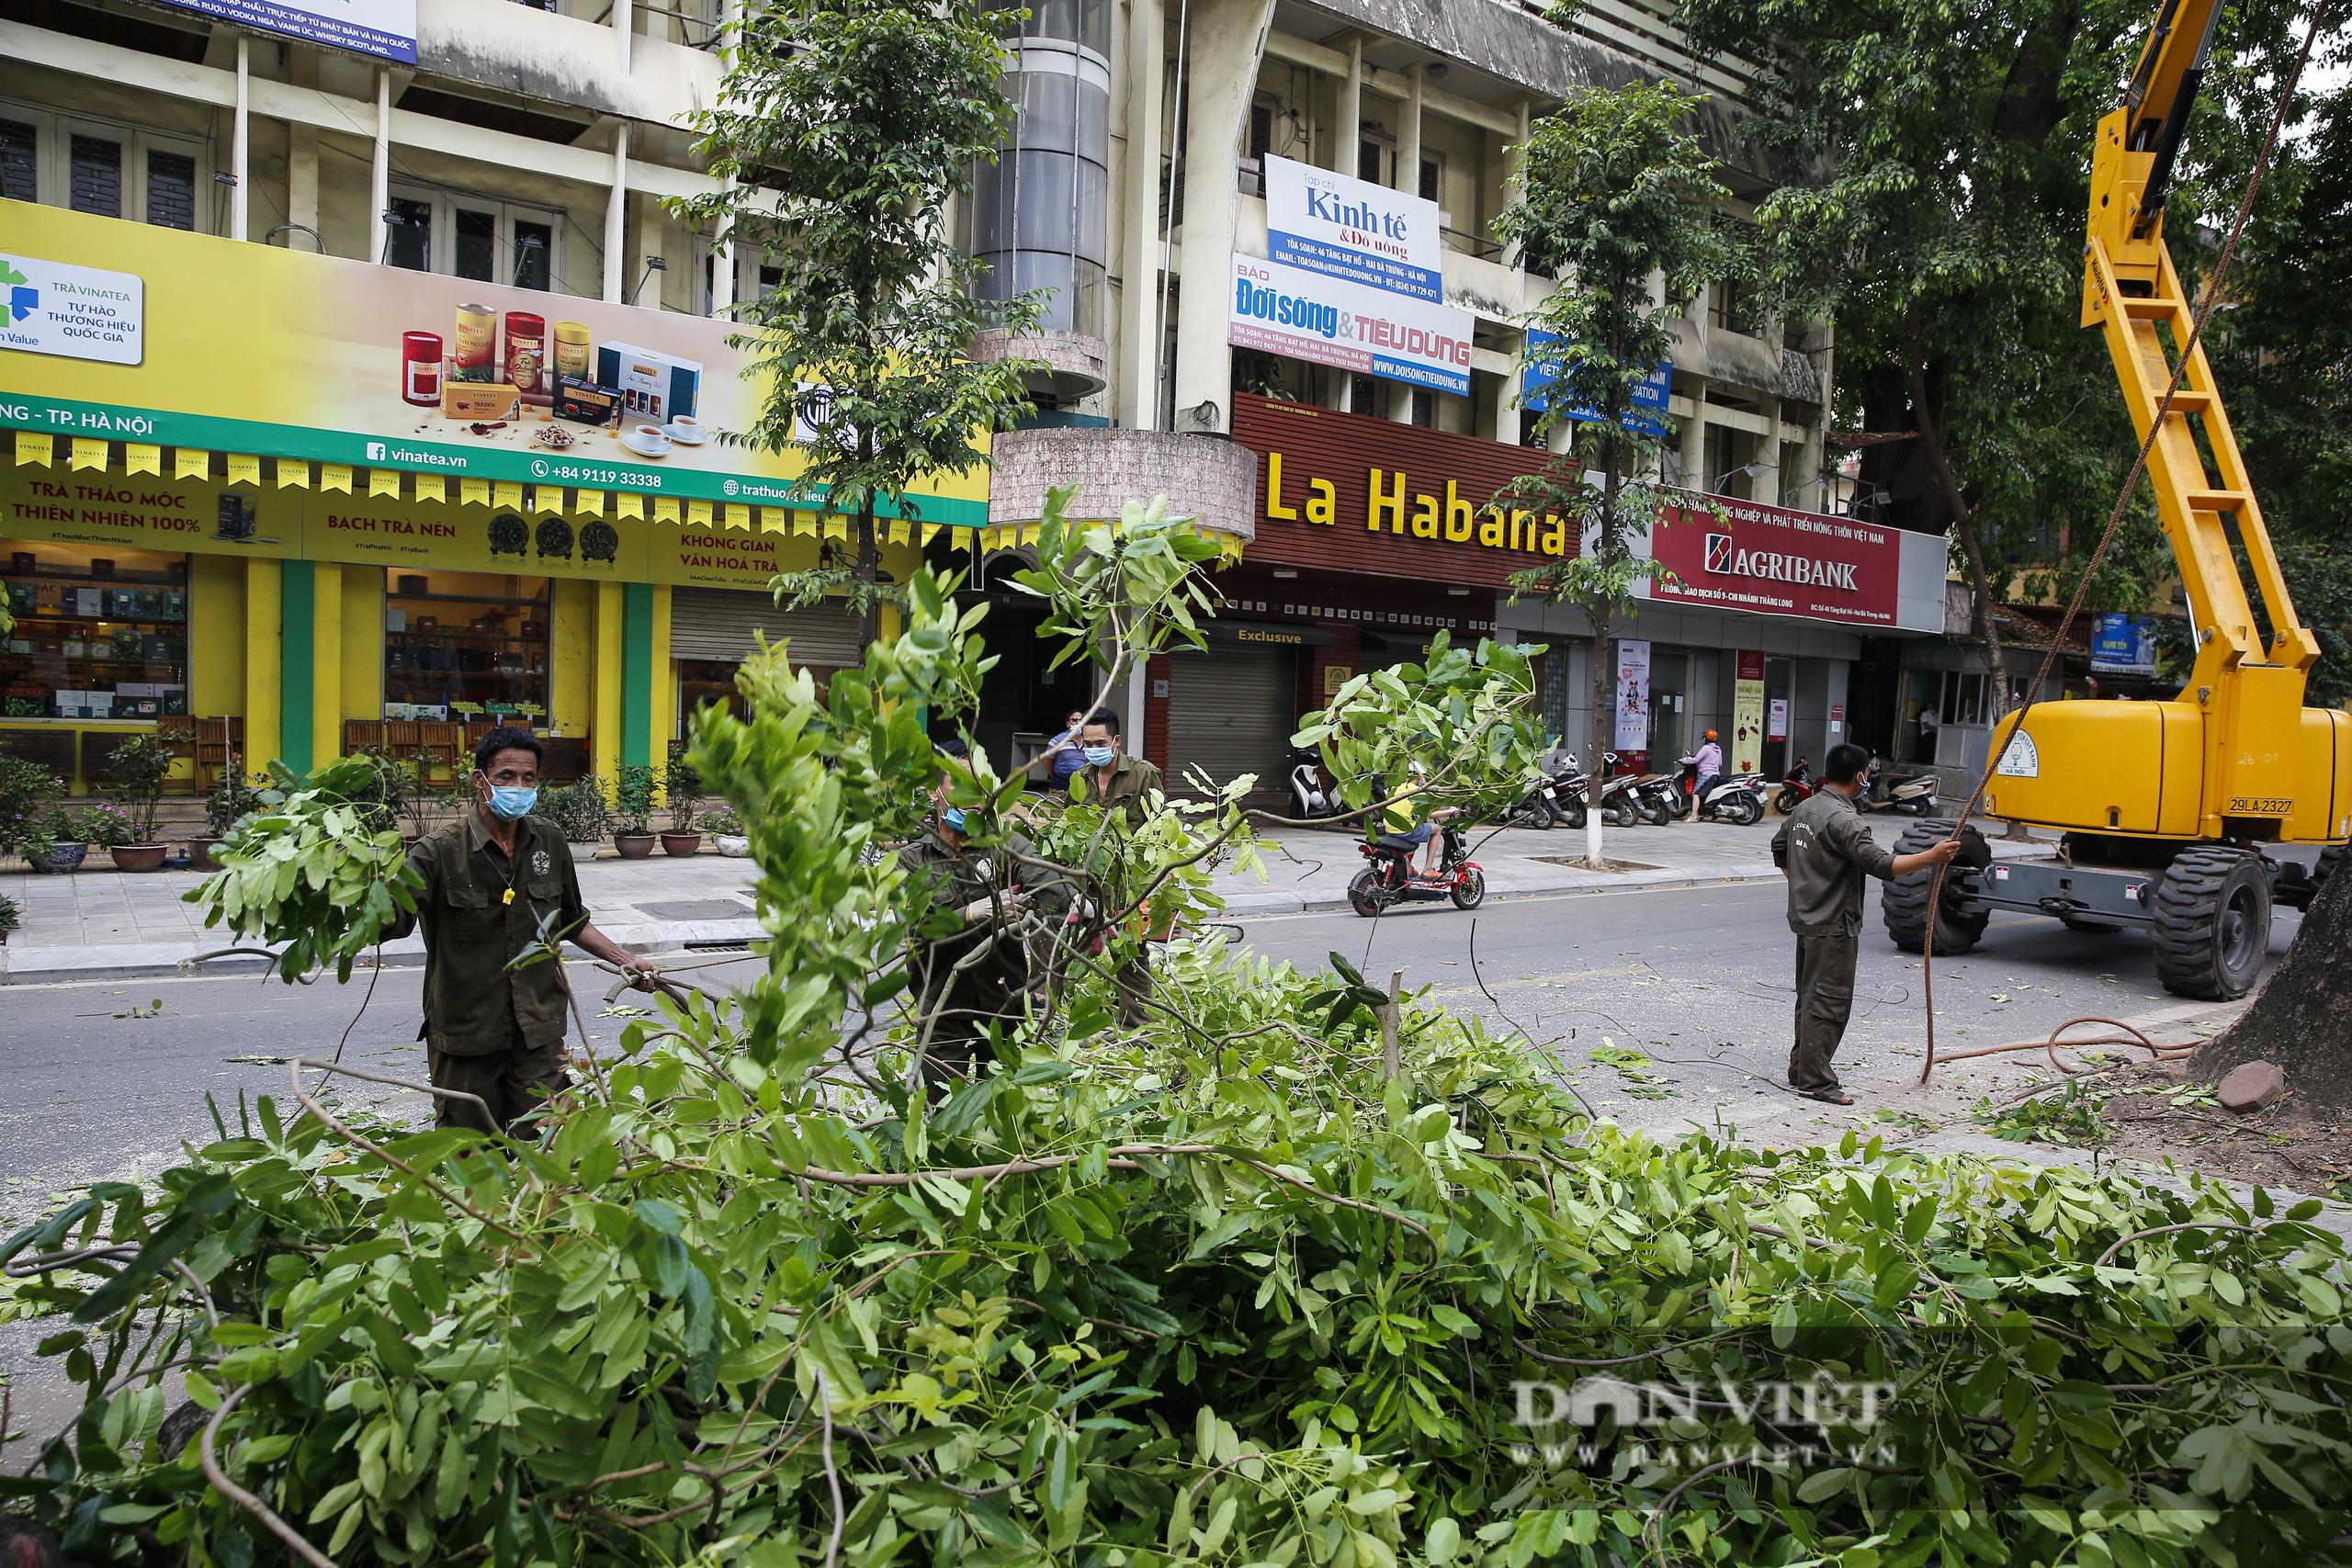 Hà Nội: Dùng xe nâng người dài 26 mét cắt tỉa hơn 20.000 cây nguy hiểm - Ảnh 10.